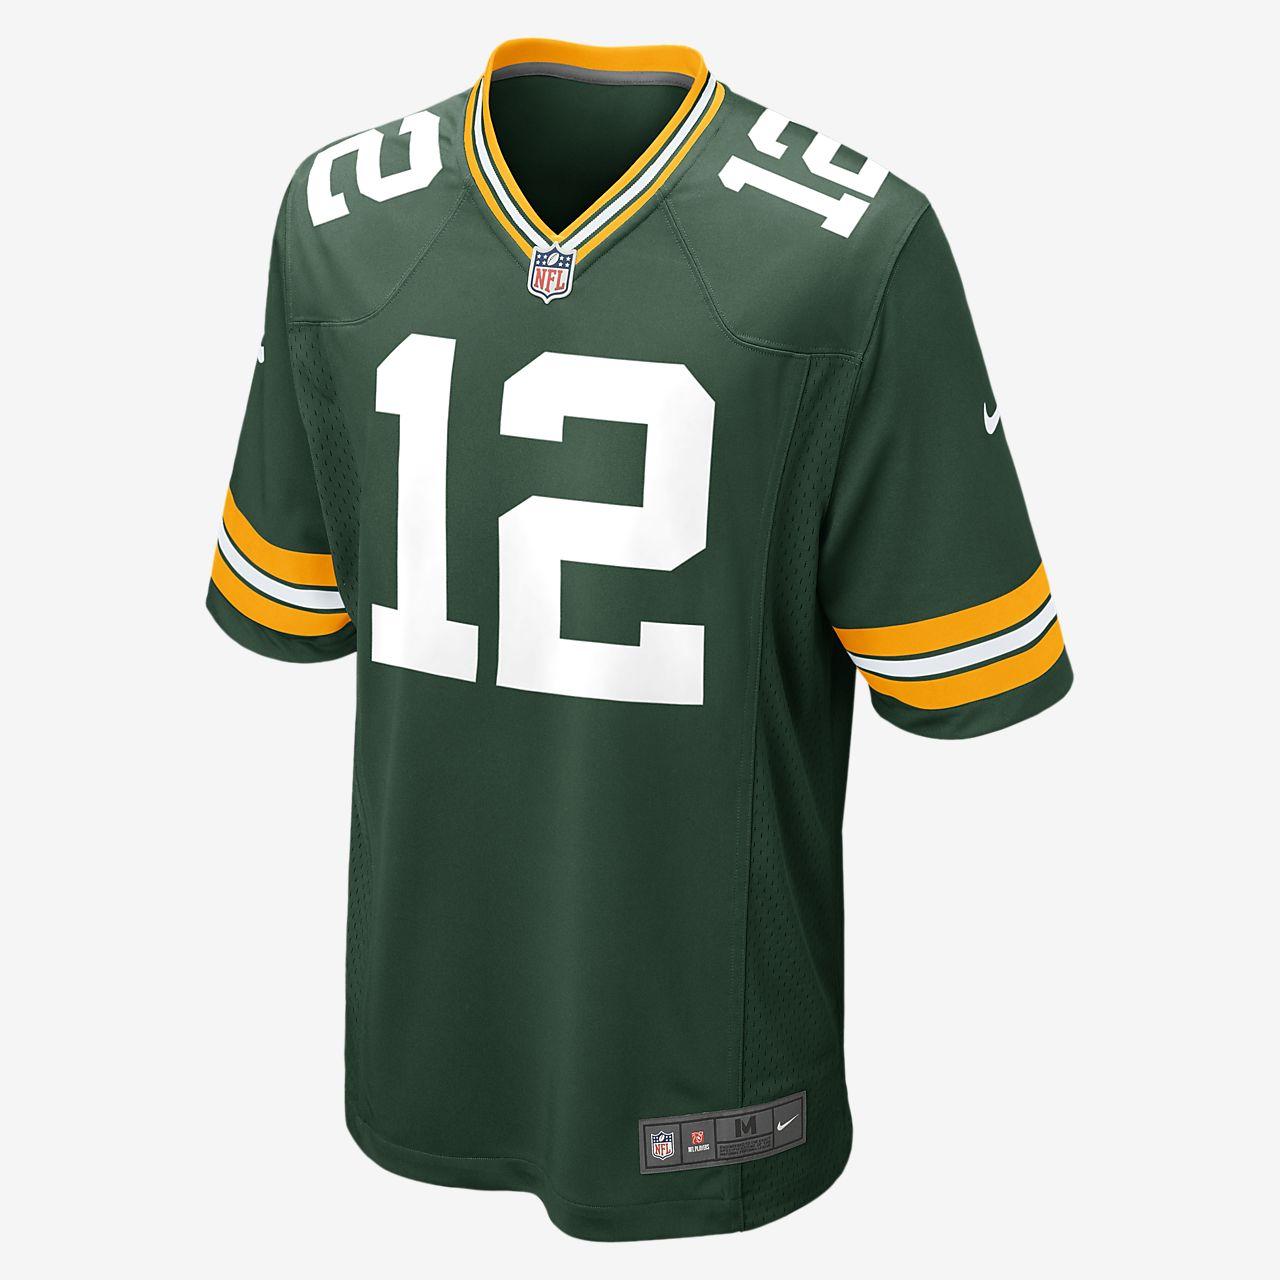 Męska domowa koszulka meczowa do futbolu amerykańskiego NFL Green Bay Packers (Aaron Rodgers)